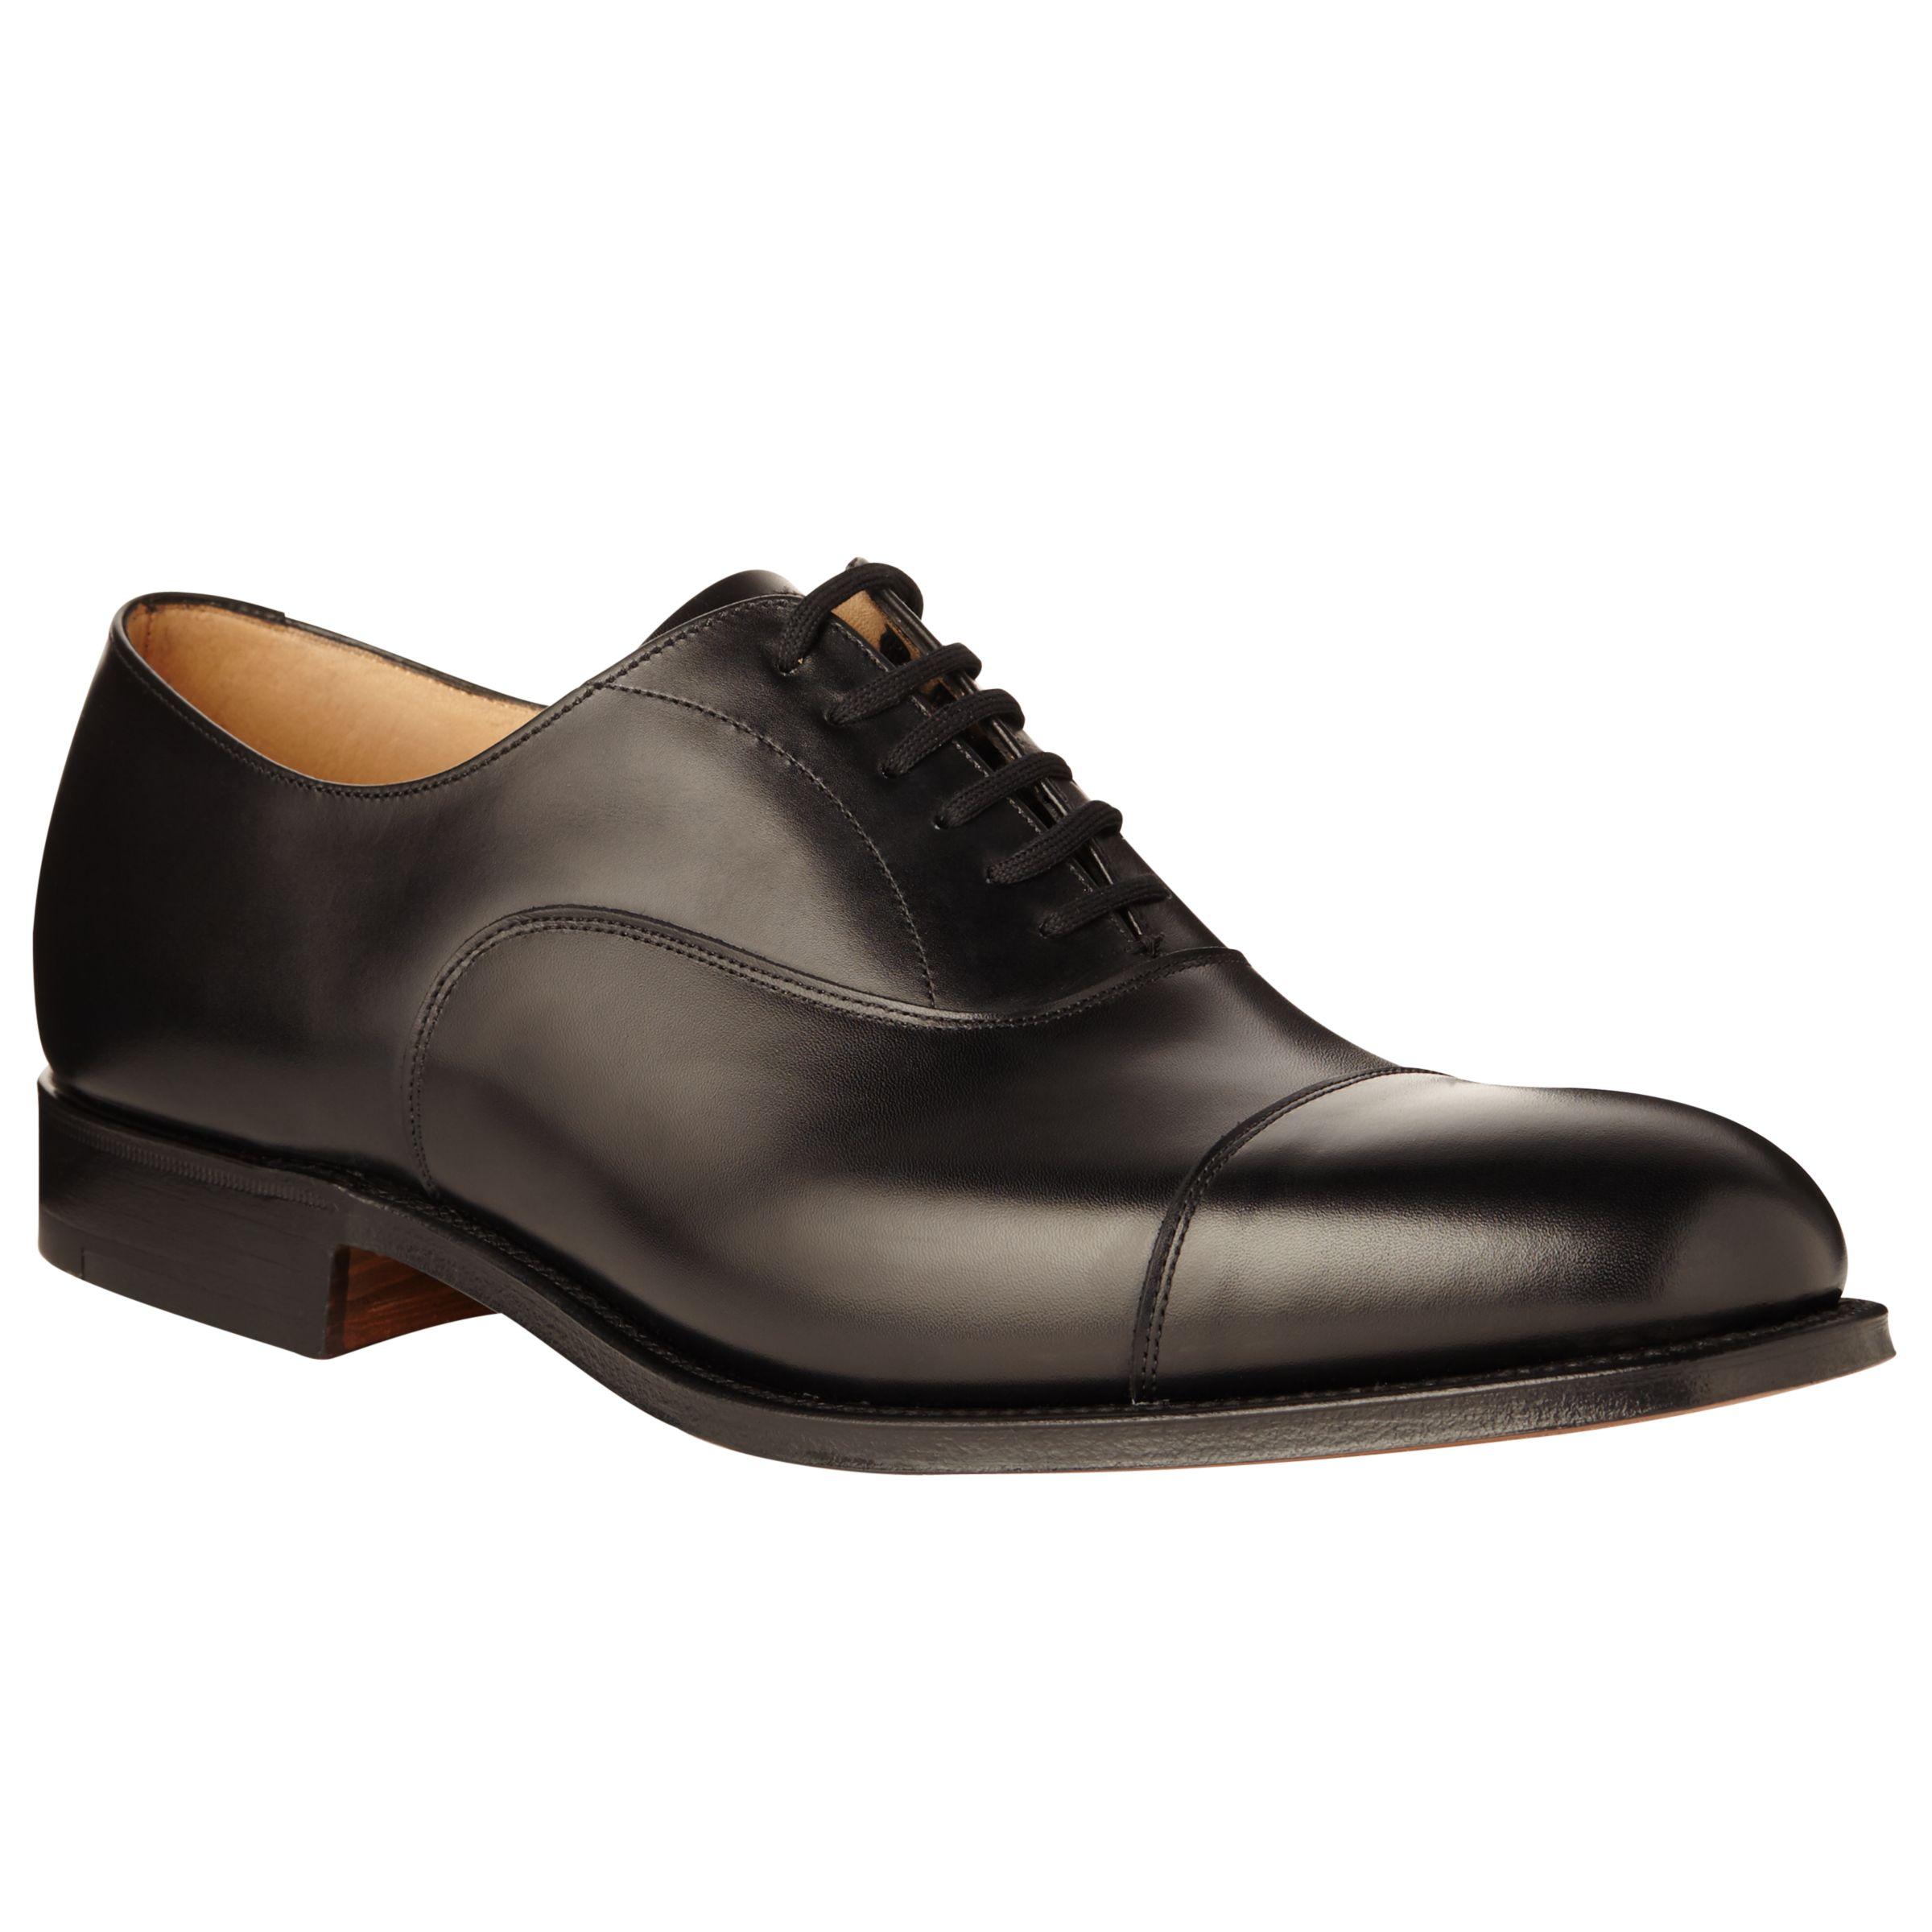 Church's Church's Dubai Leather Oxford Shoes